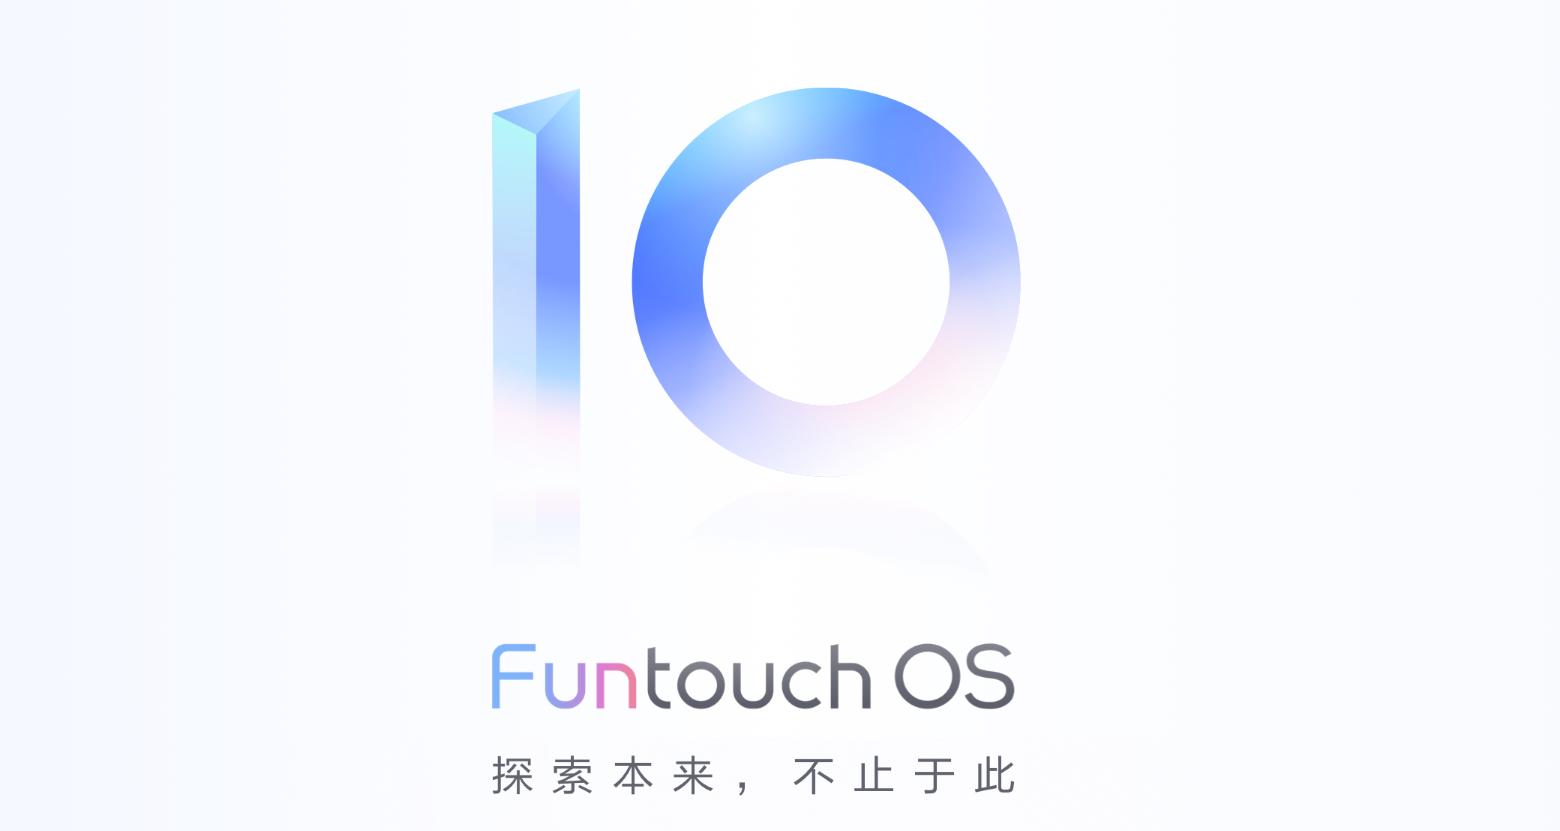 苹果设计师操刀,国产手机厂商即将用上OriginOS新系统